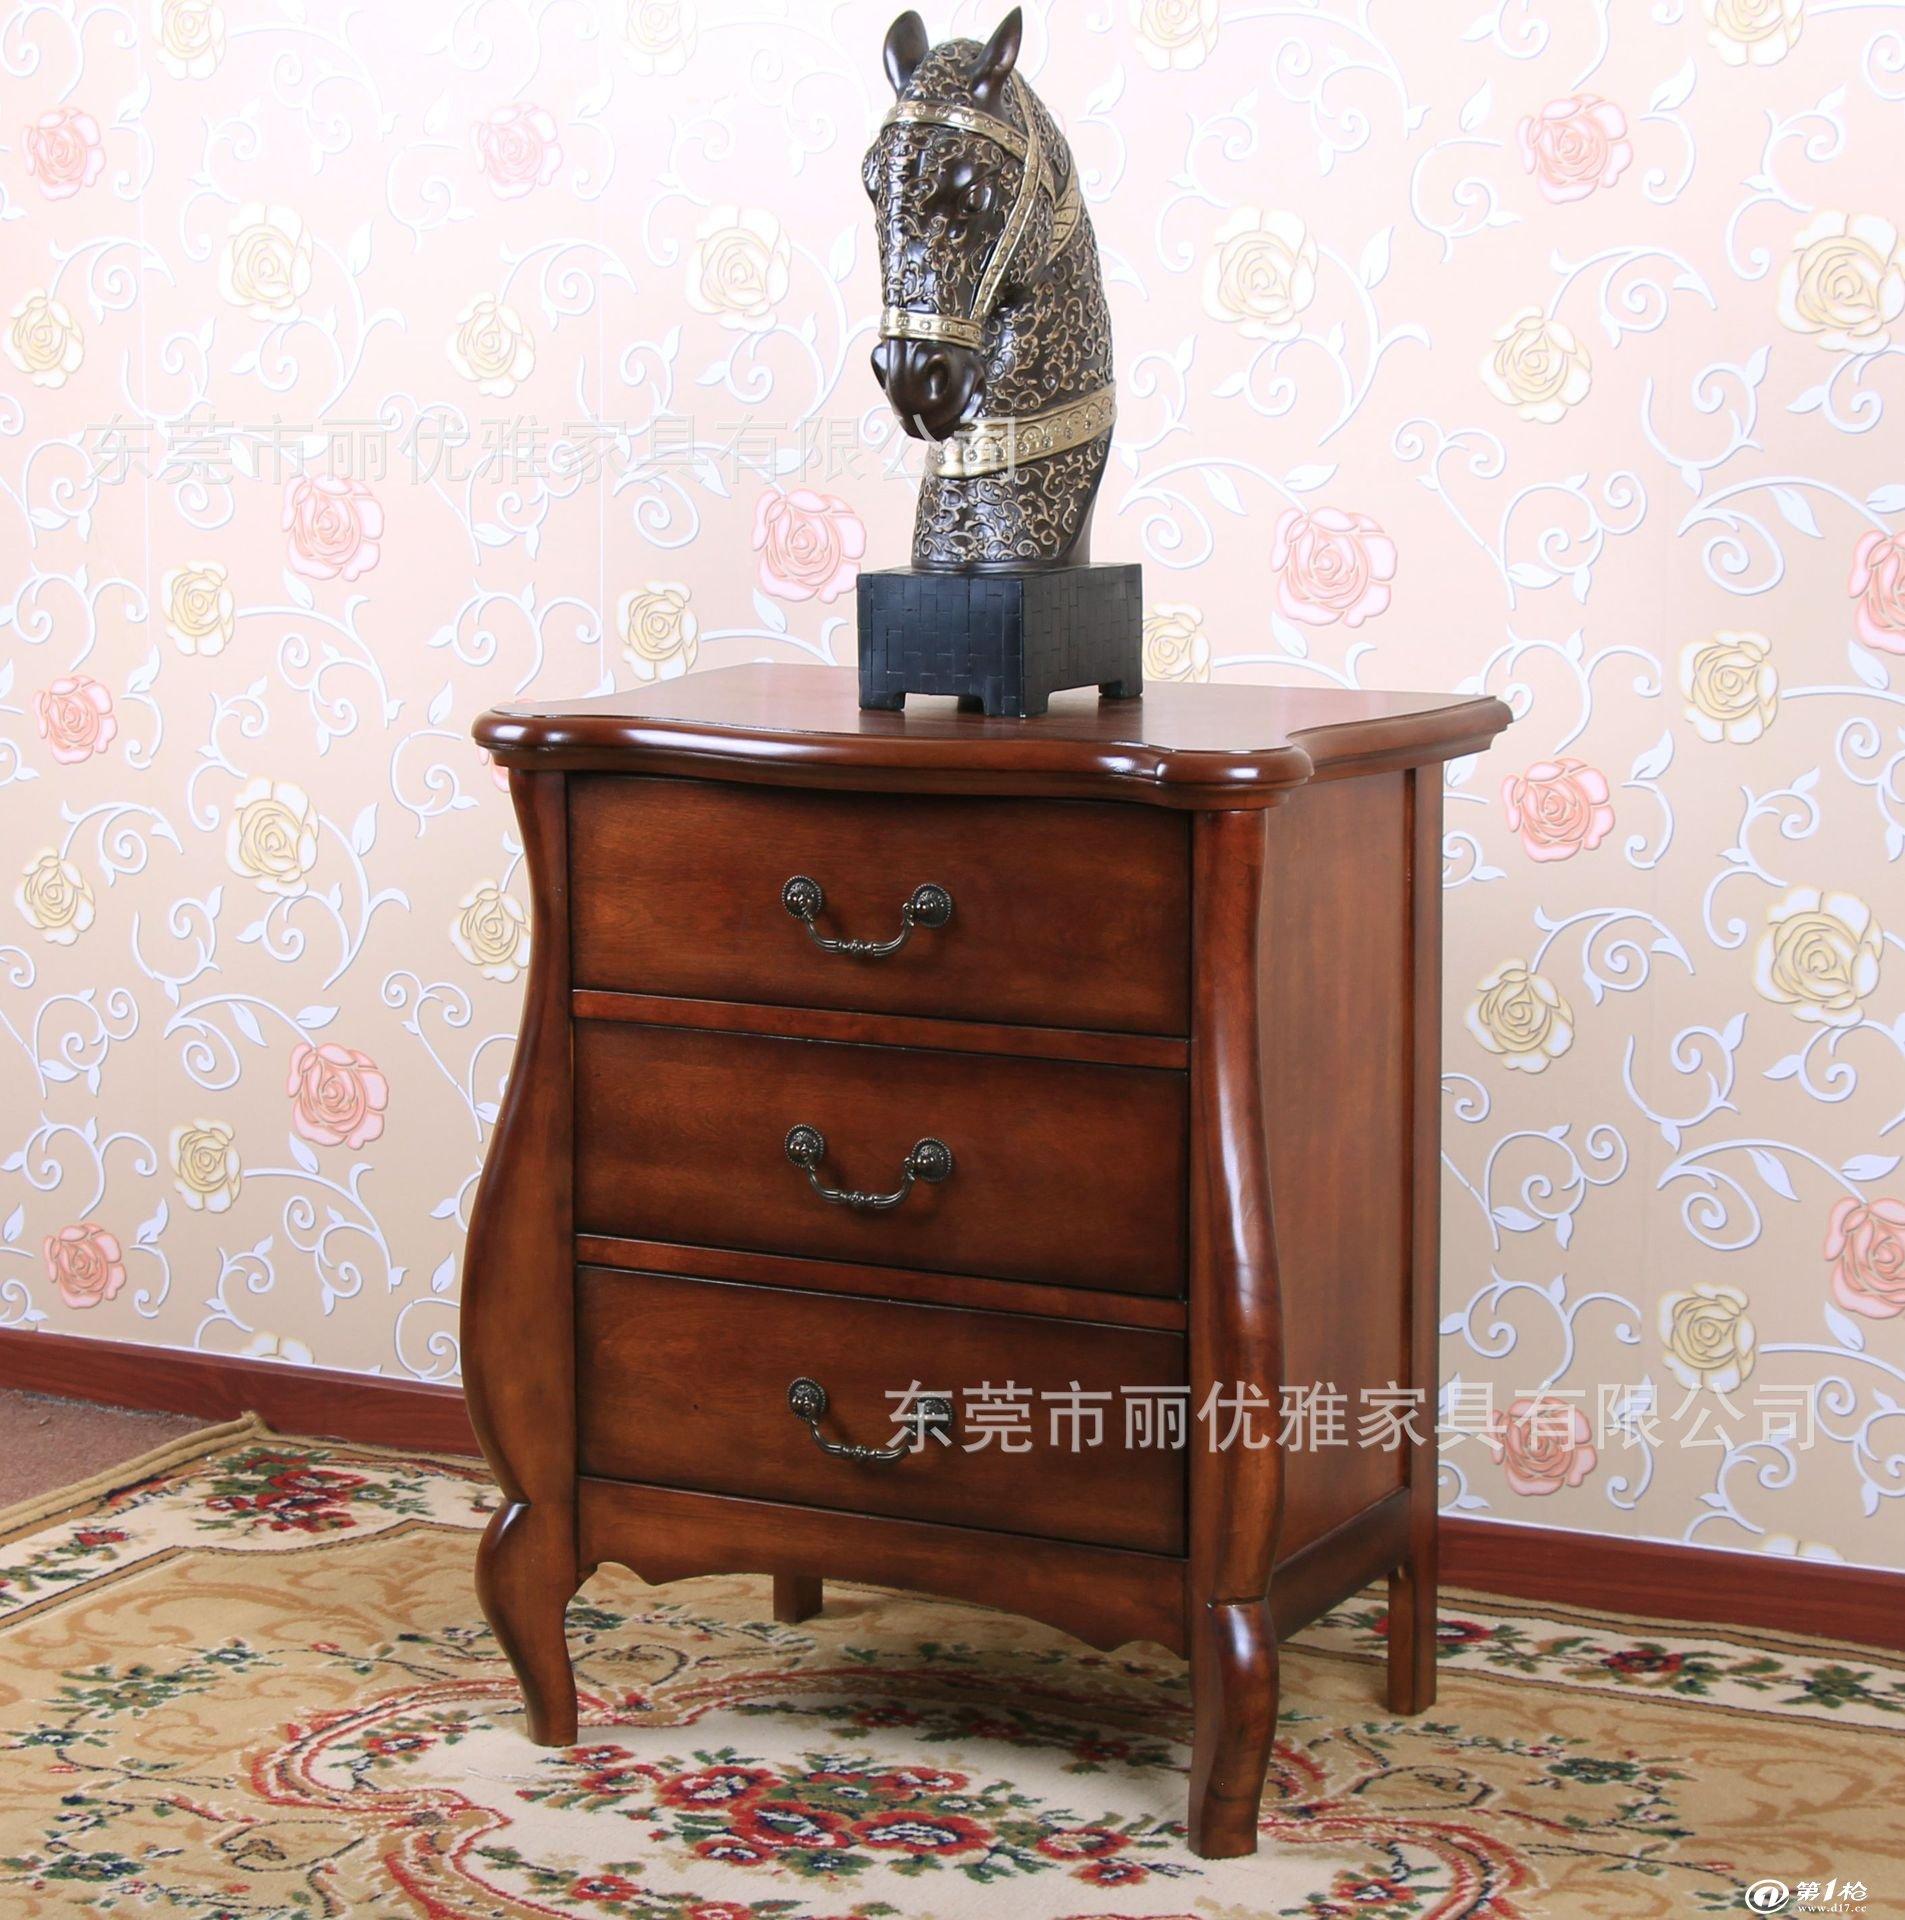 欧式简约现代田园实木小床头柜 斗柜 美式古典宜家家具储物柜